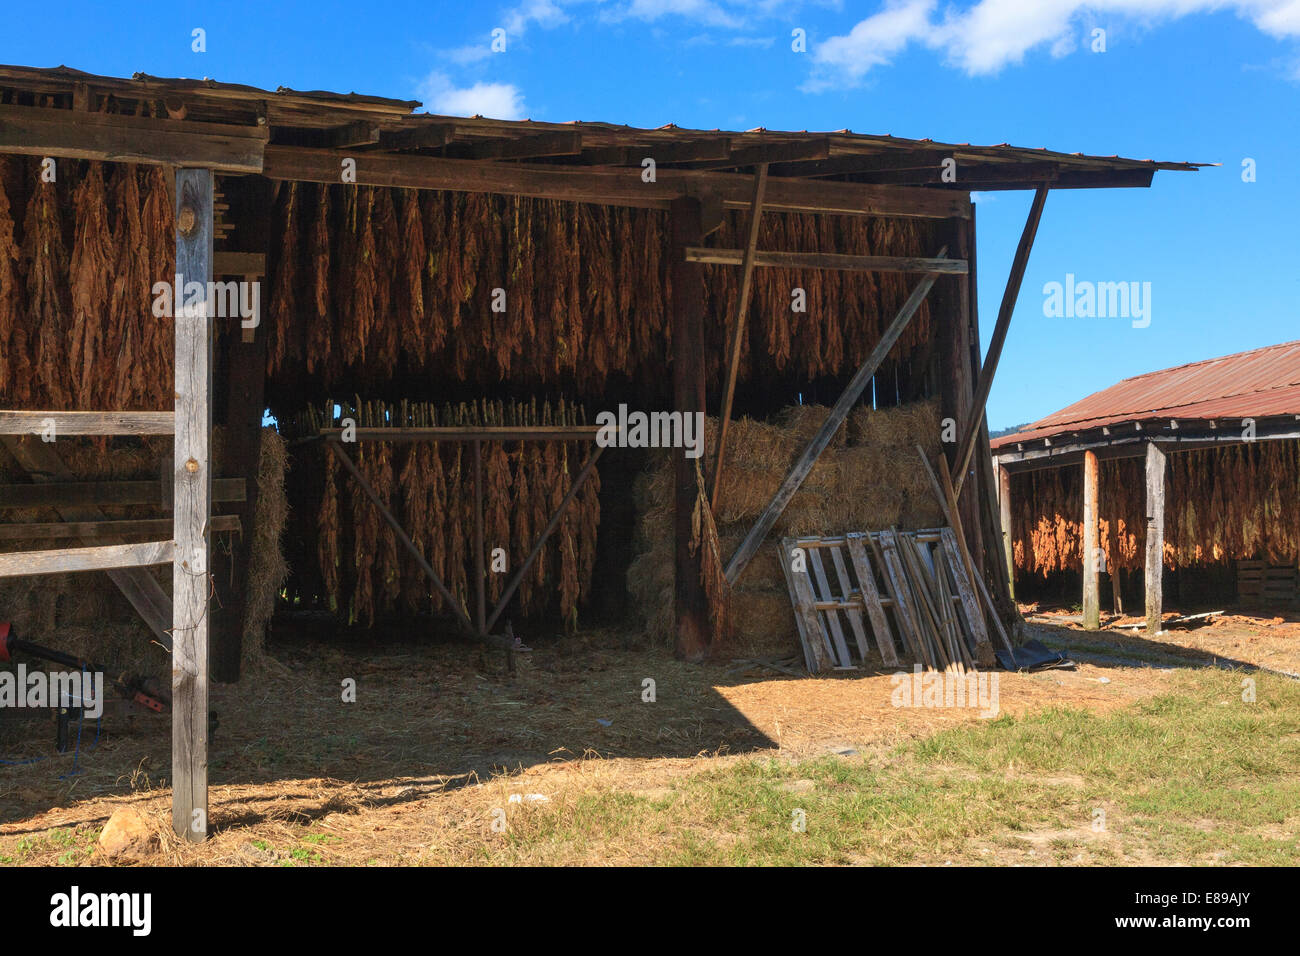 Foglie di tabacco appesi in Tennessee fienile di tabacco per la cura Foto Stock